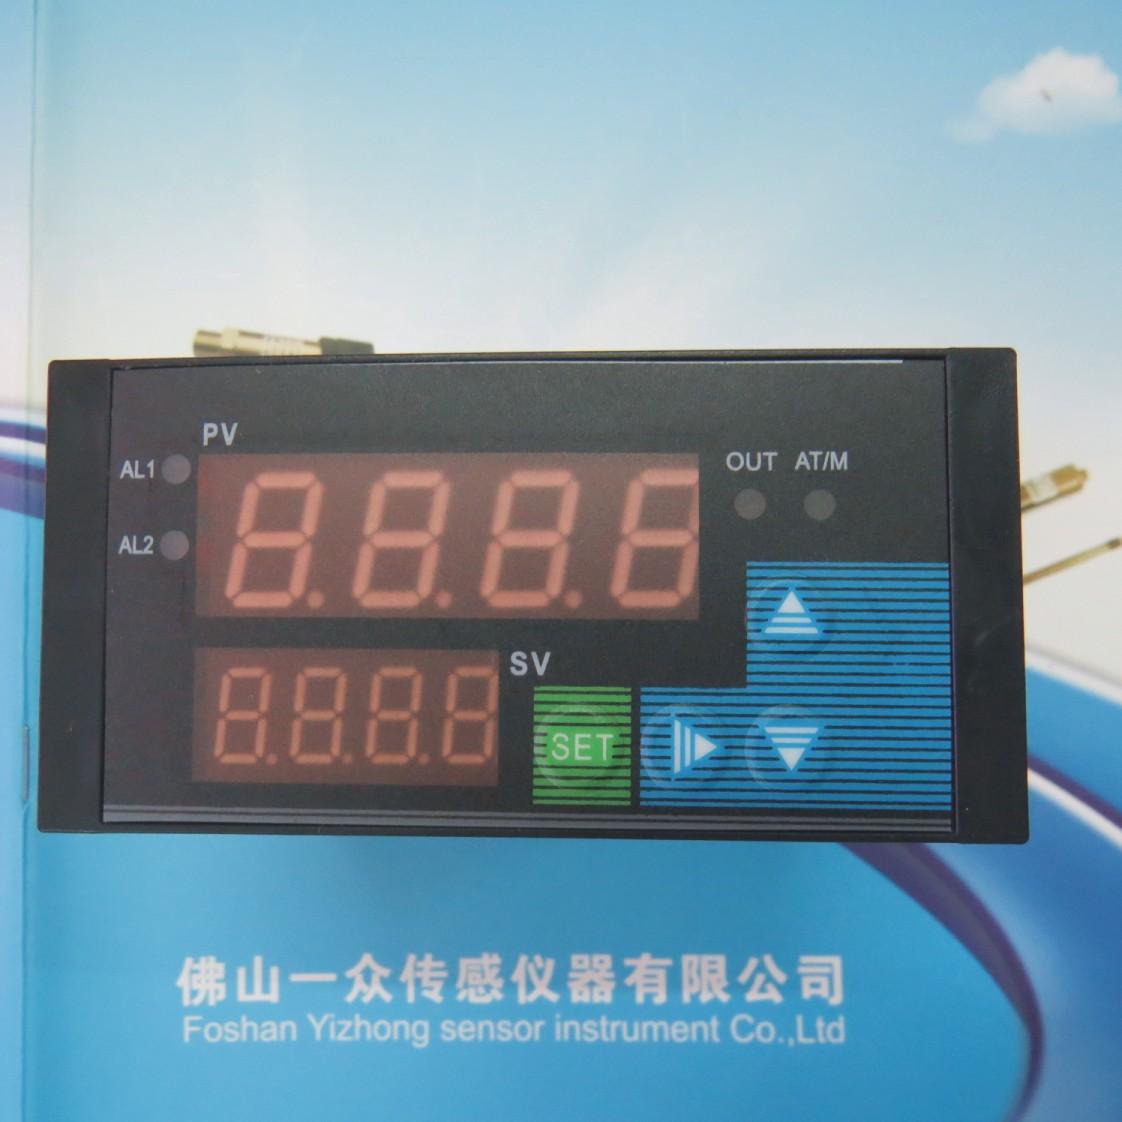 远传及监控楼顶水塔水位变化的传感监控器设置方案